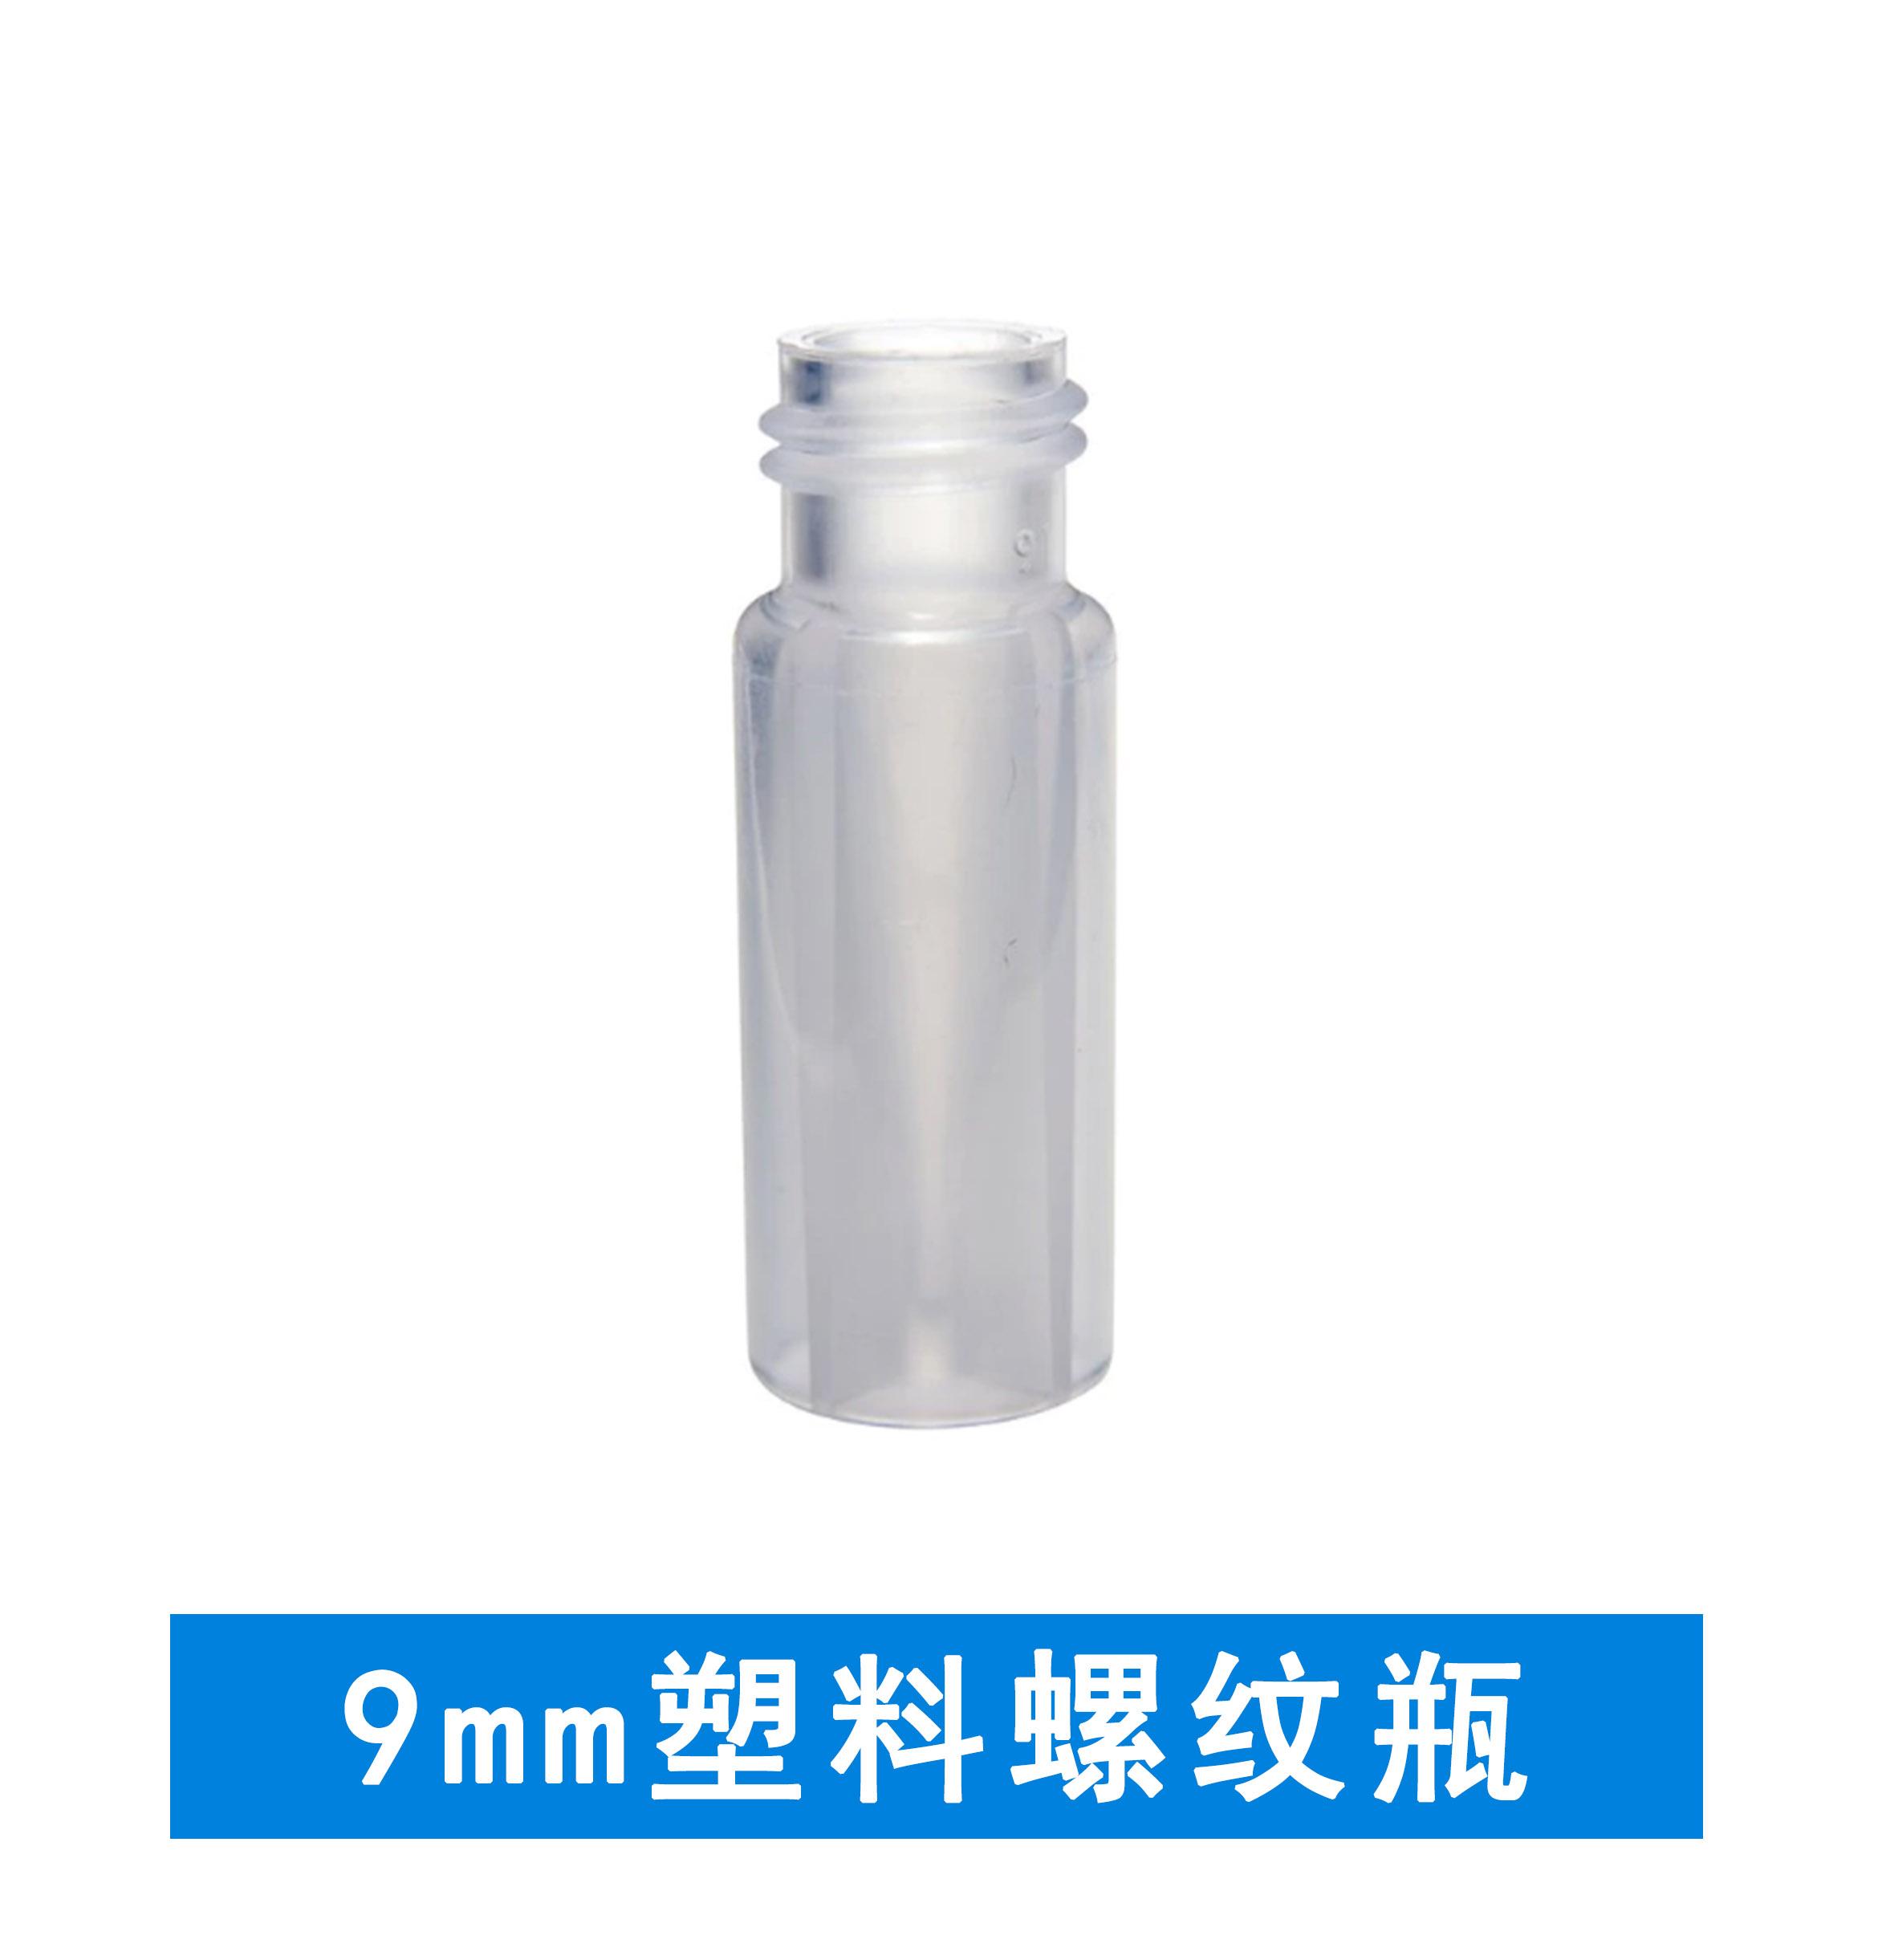 9mm塑料螺纹瓶